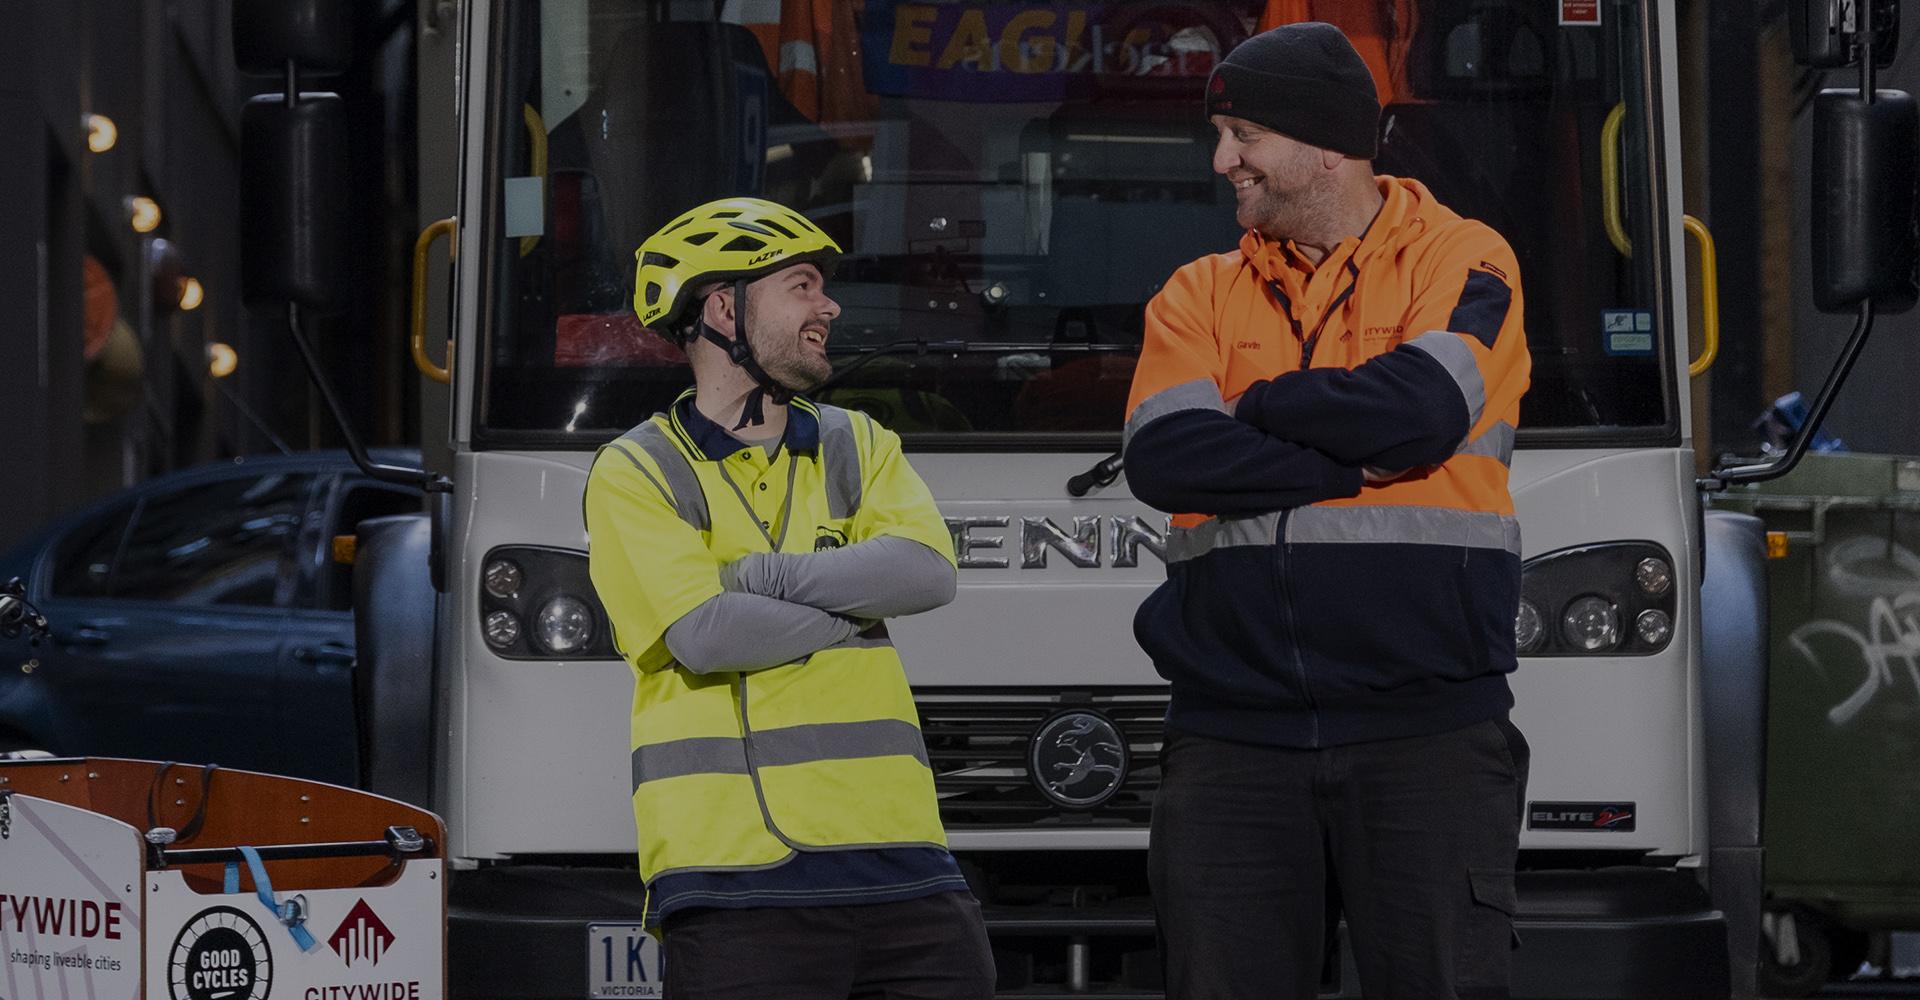 Citywide Good Cycles partnership Nathan Gavin